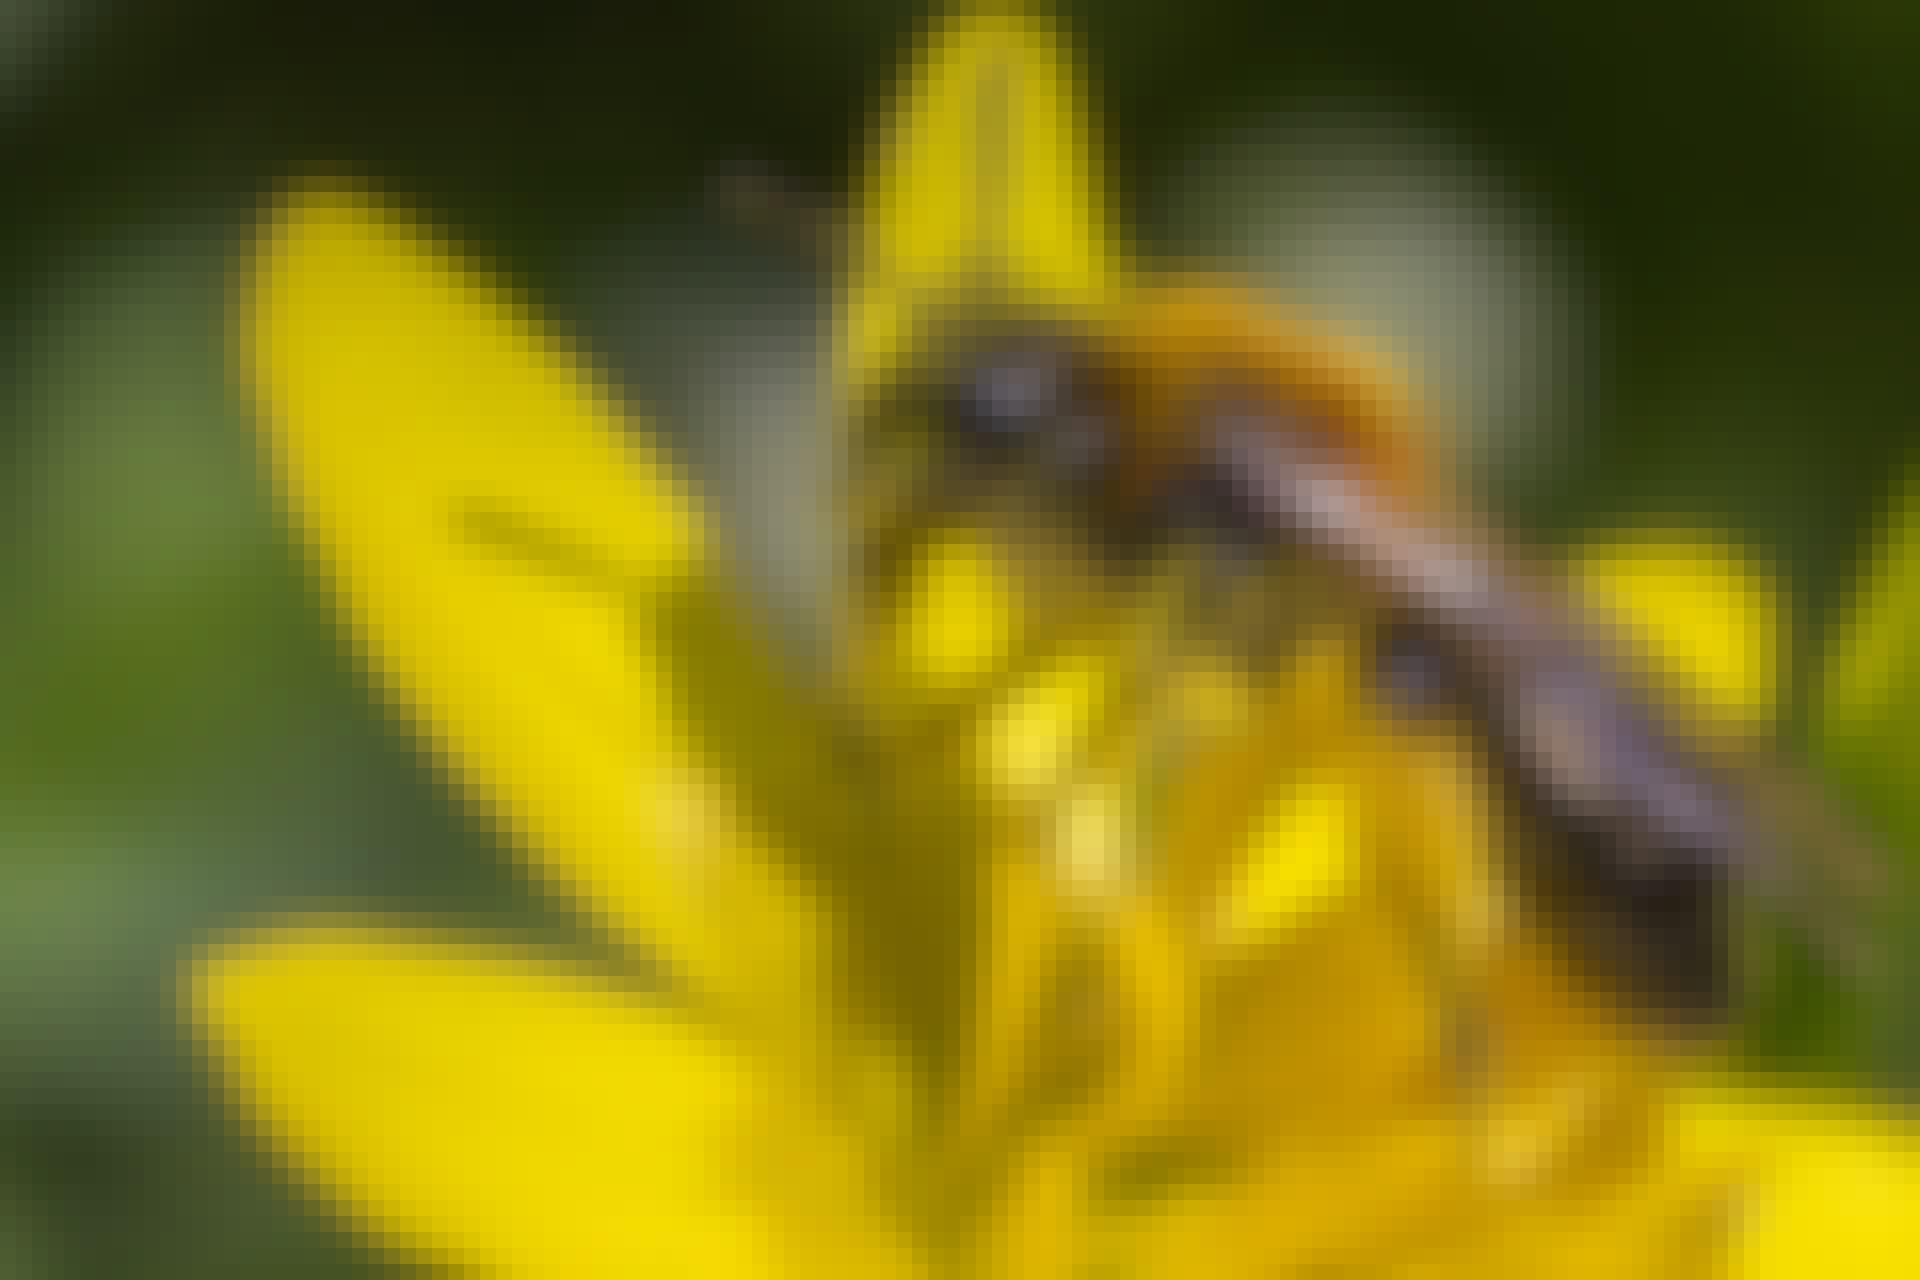 Bier utviklede seg parallelt med blomster